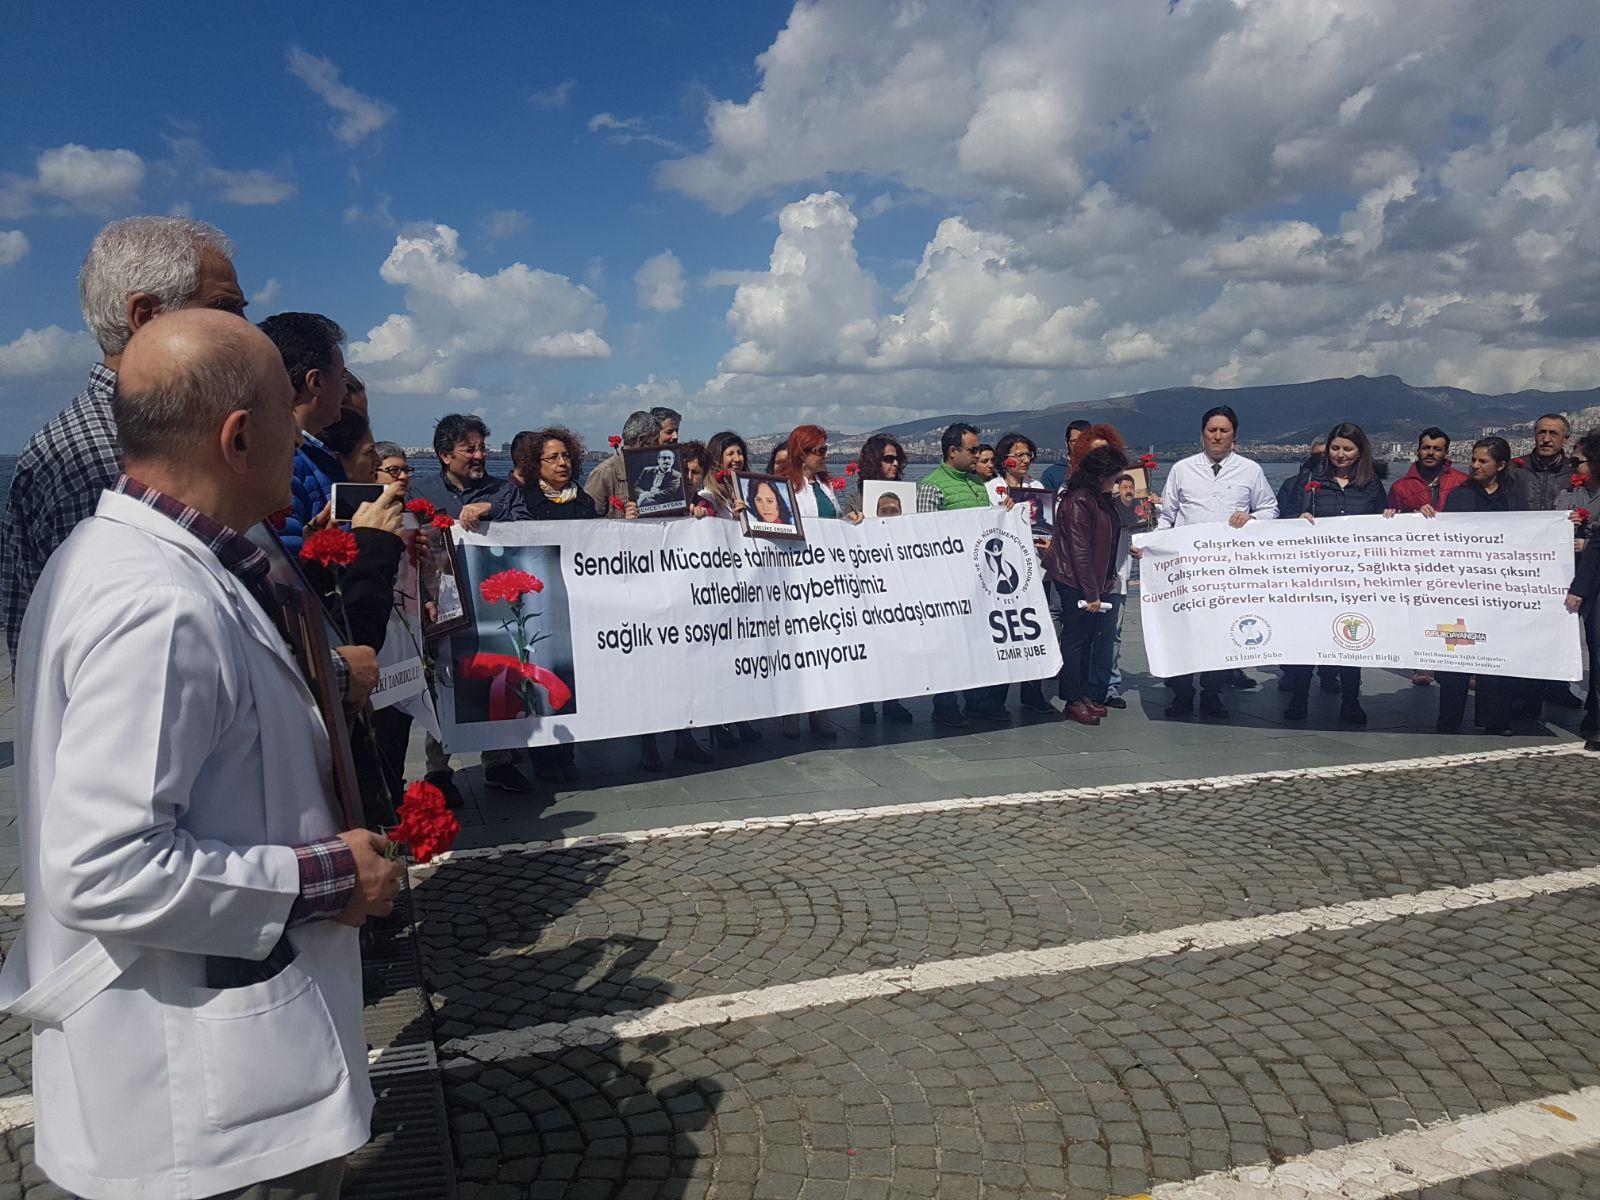 İzmir Şubemiz Katledilen ve Kaybettiğimiz Sağlık ve Sosyal Hizmet Emekçilerini Denize Karanfil Bırakarak Andı